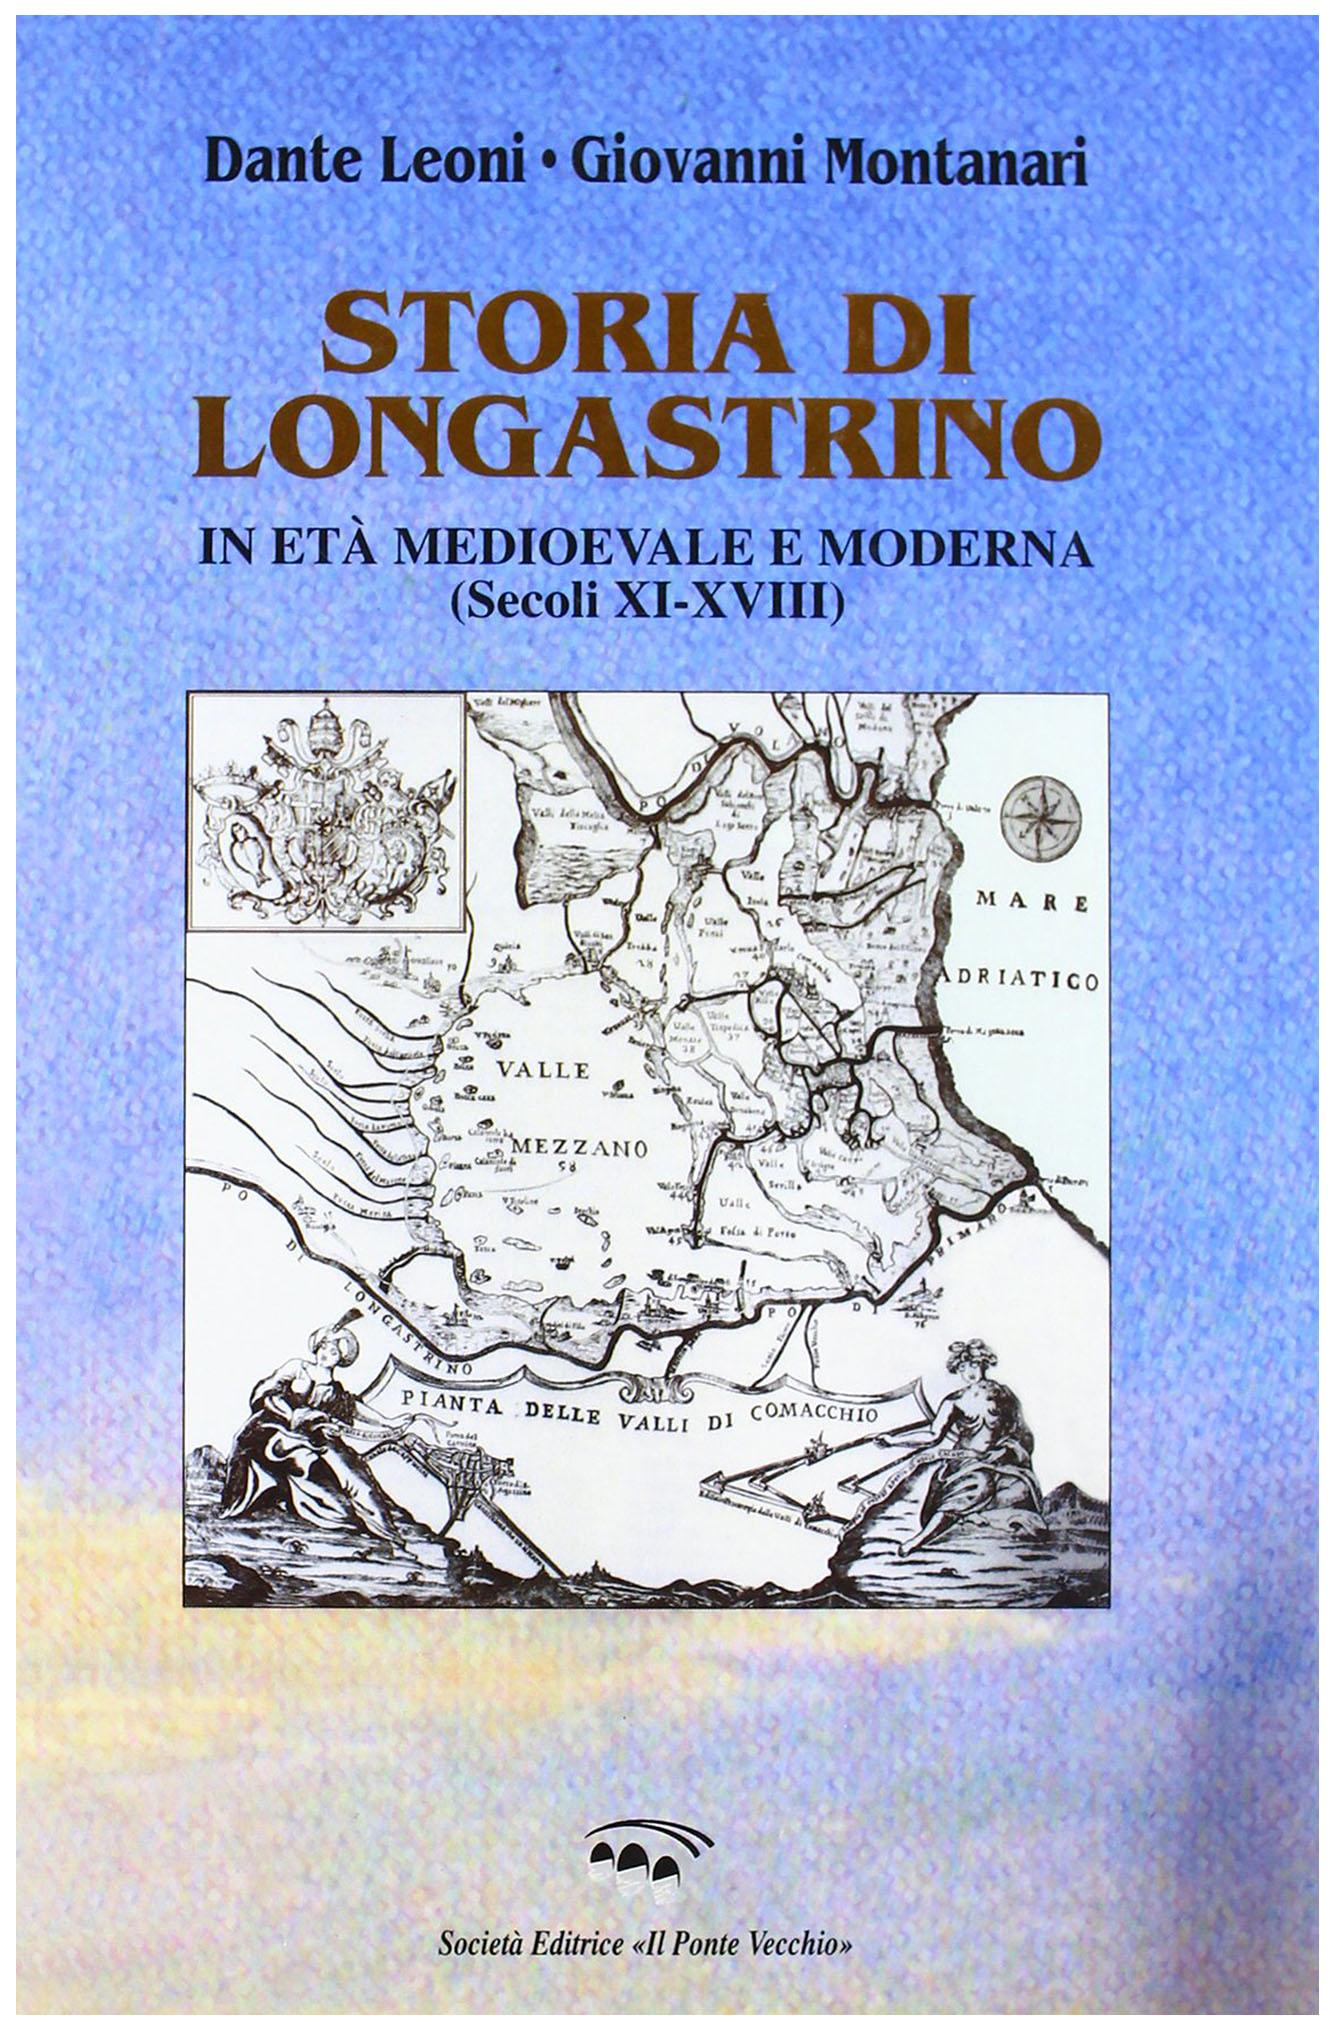 Storia di Longastrino in età medioevale e moderna